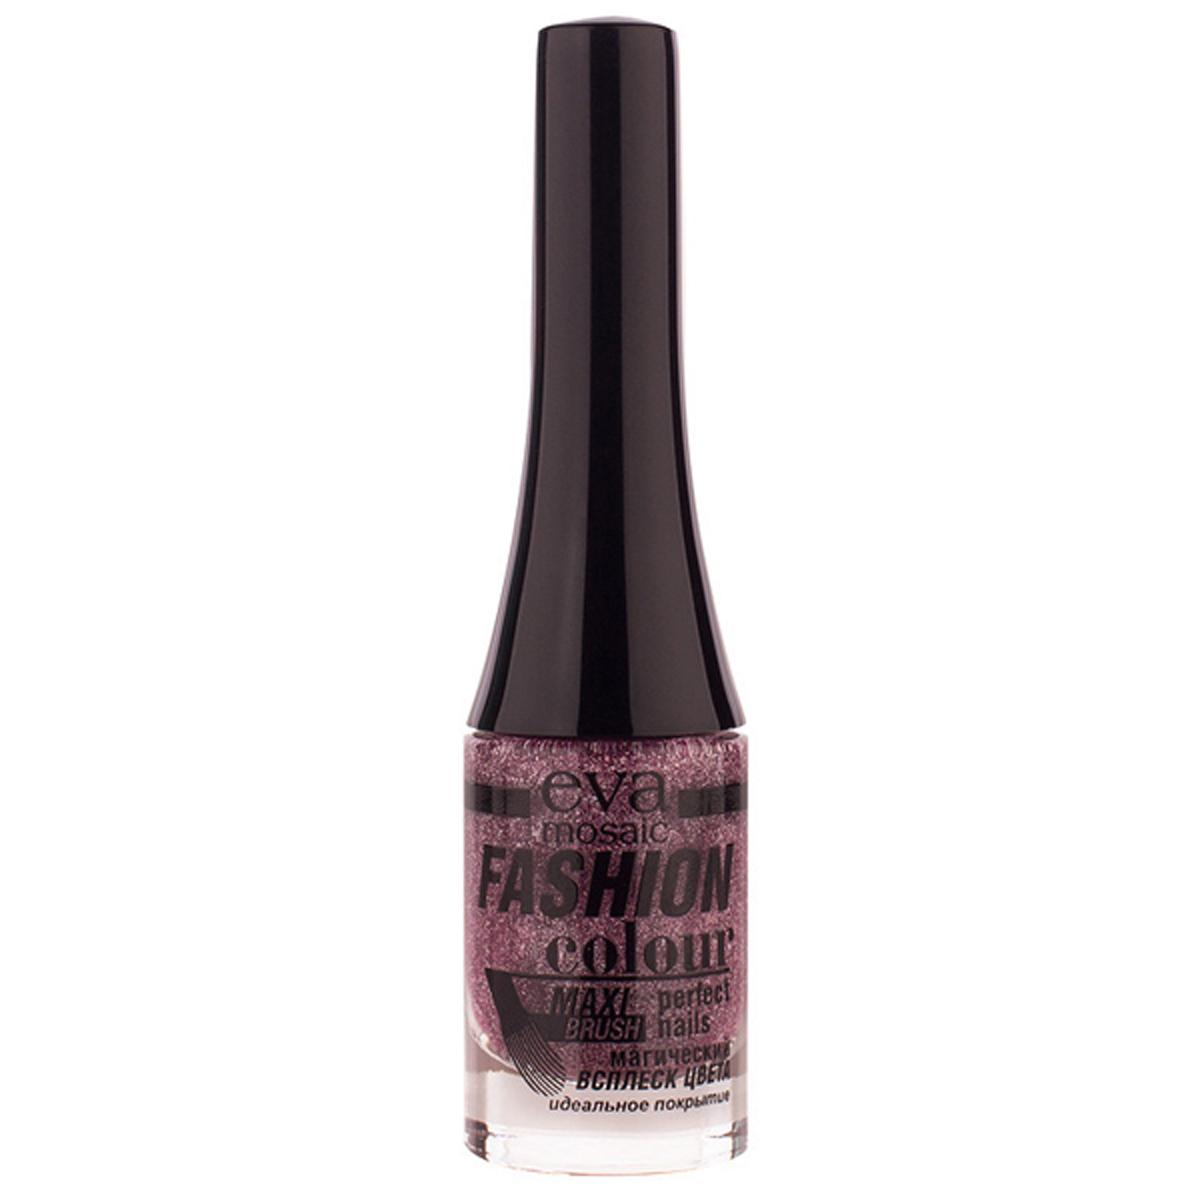 Eva Mosaic Лак для ногтей Fashion Colour, 6 мл, 062 Розовая Радуга685400Стойкие лаки для ногтей в экономичной упаковке небольшого объема - лак не успеет надоесть или загустеть! Огромный спектр оттенков - от сдержанной классики до самых смелых современных тенденций.- легко наносятся и быстро сохнут- обладают высокой стойкостью и зеркальным блеском- эргономичная плоская кисть для быстрого, аккуратного и точного нанесения.